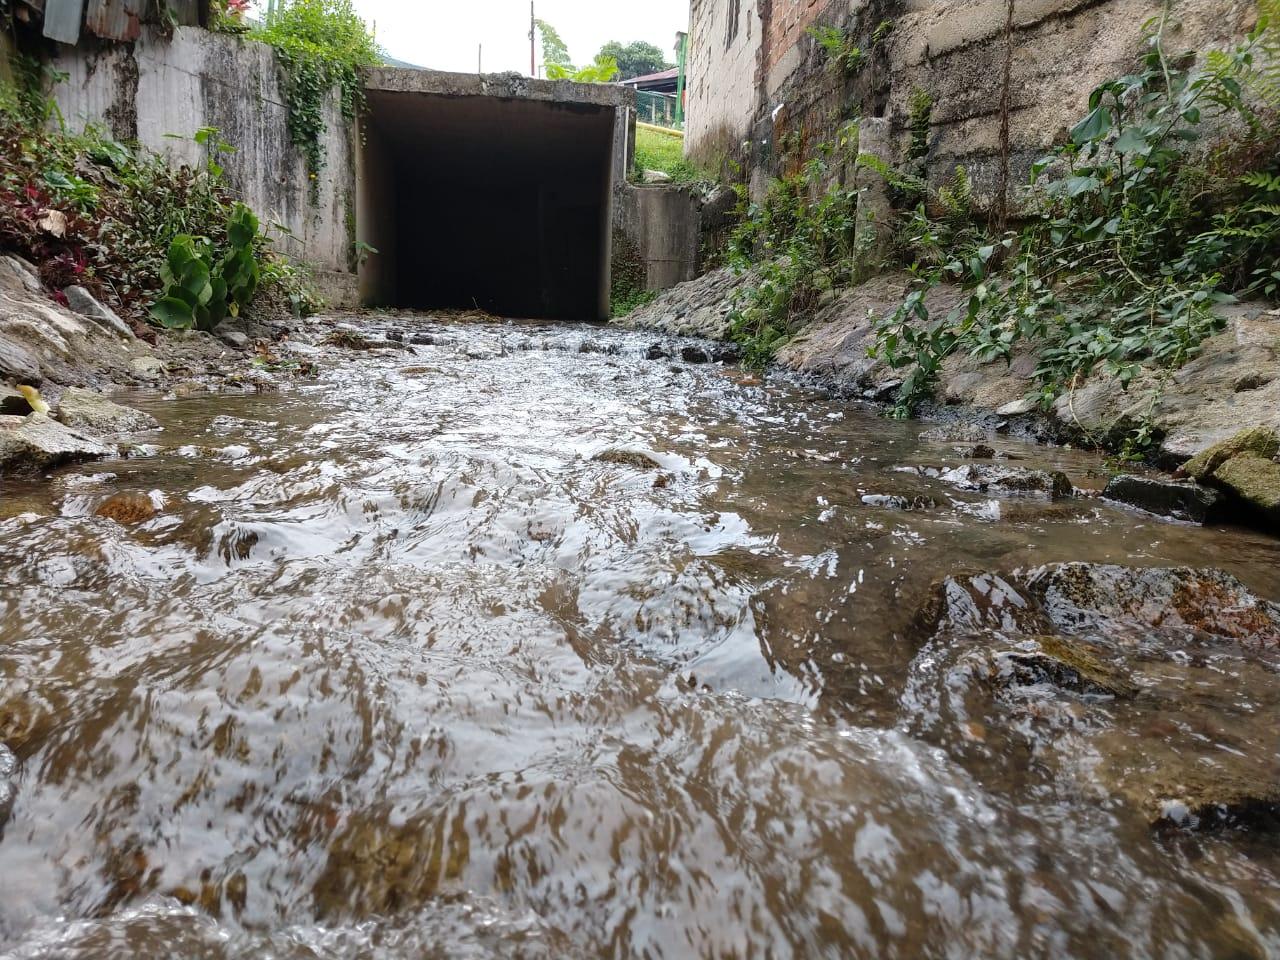 Obras hidráulicas de cerros noroccidentales funcionan correctamente después de aguaceros